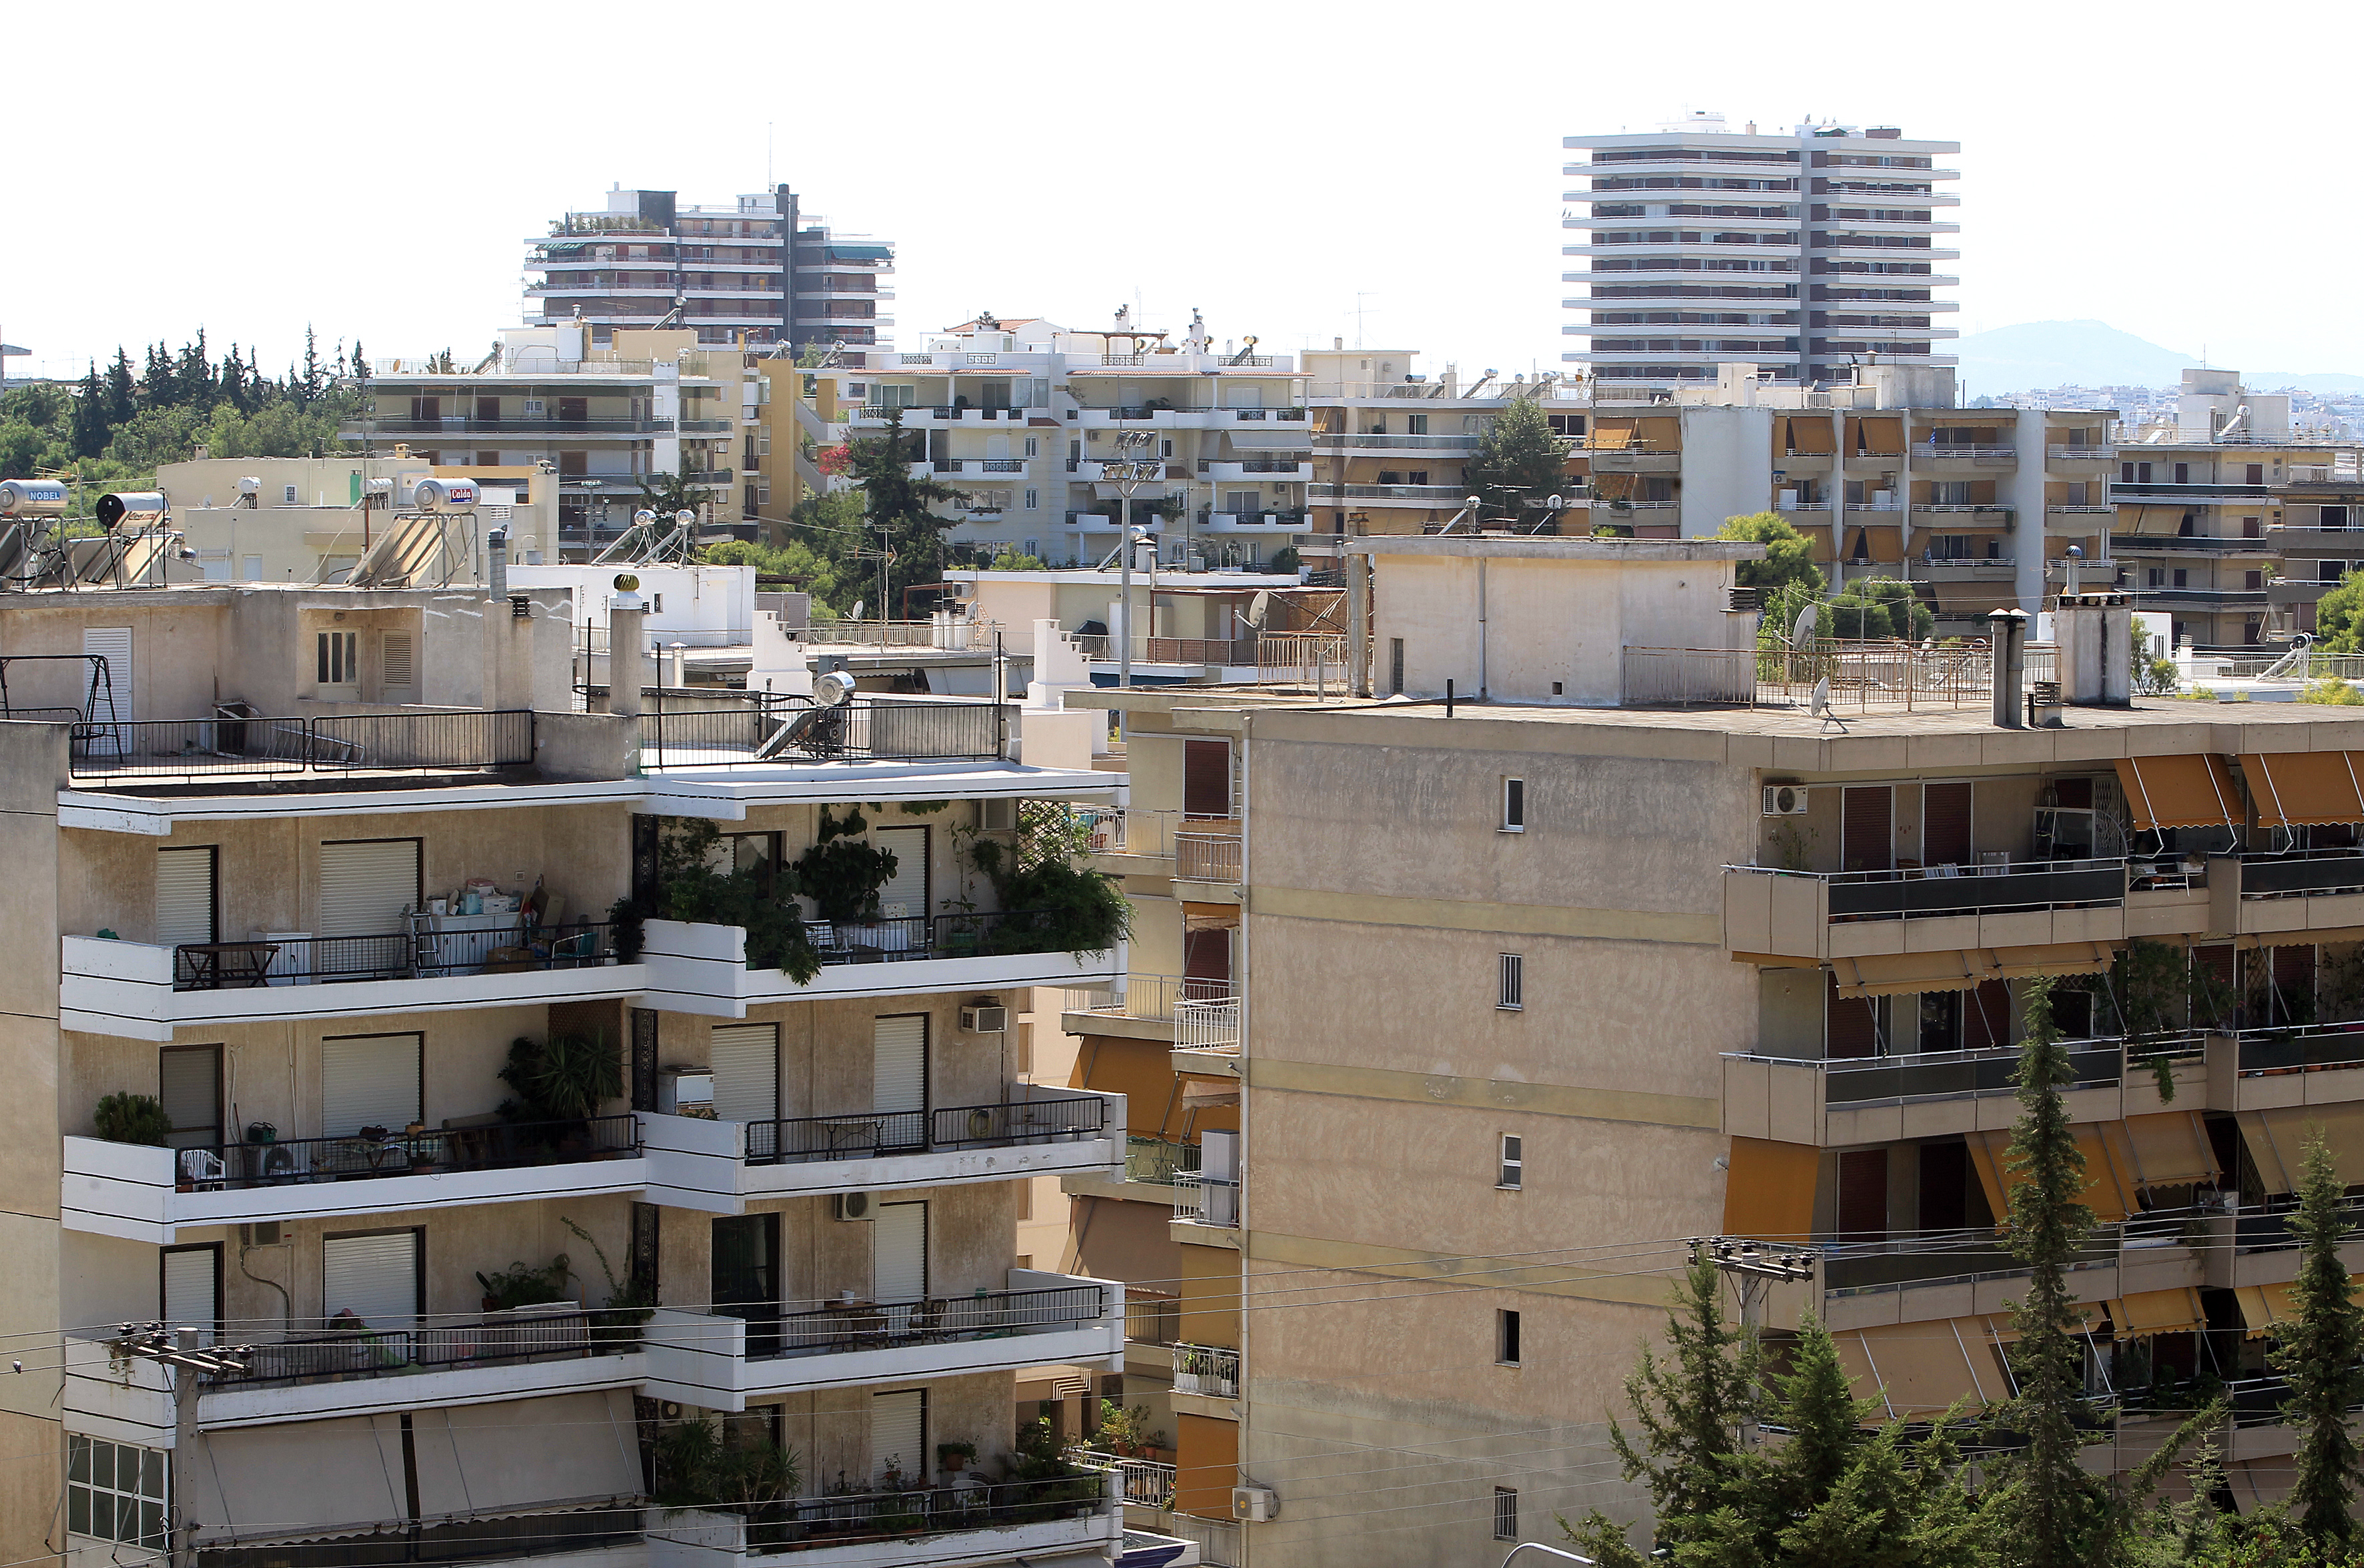 Ποιά λύση δίνει το υπουργείο για τροποποιητική δήλωση ΦΑΠ | tovima.gr